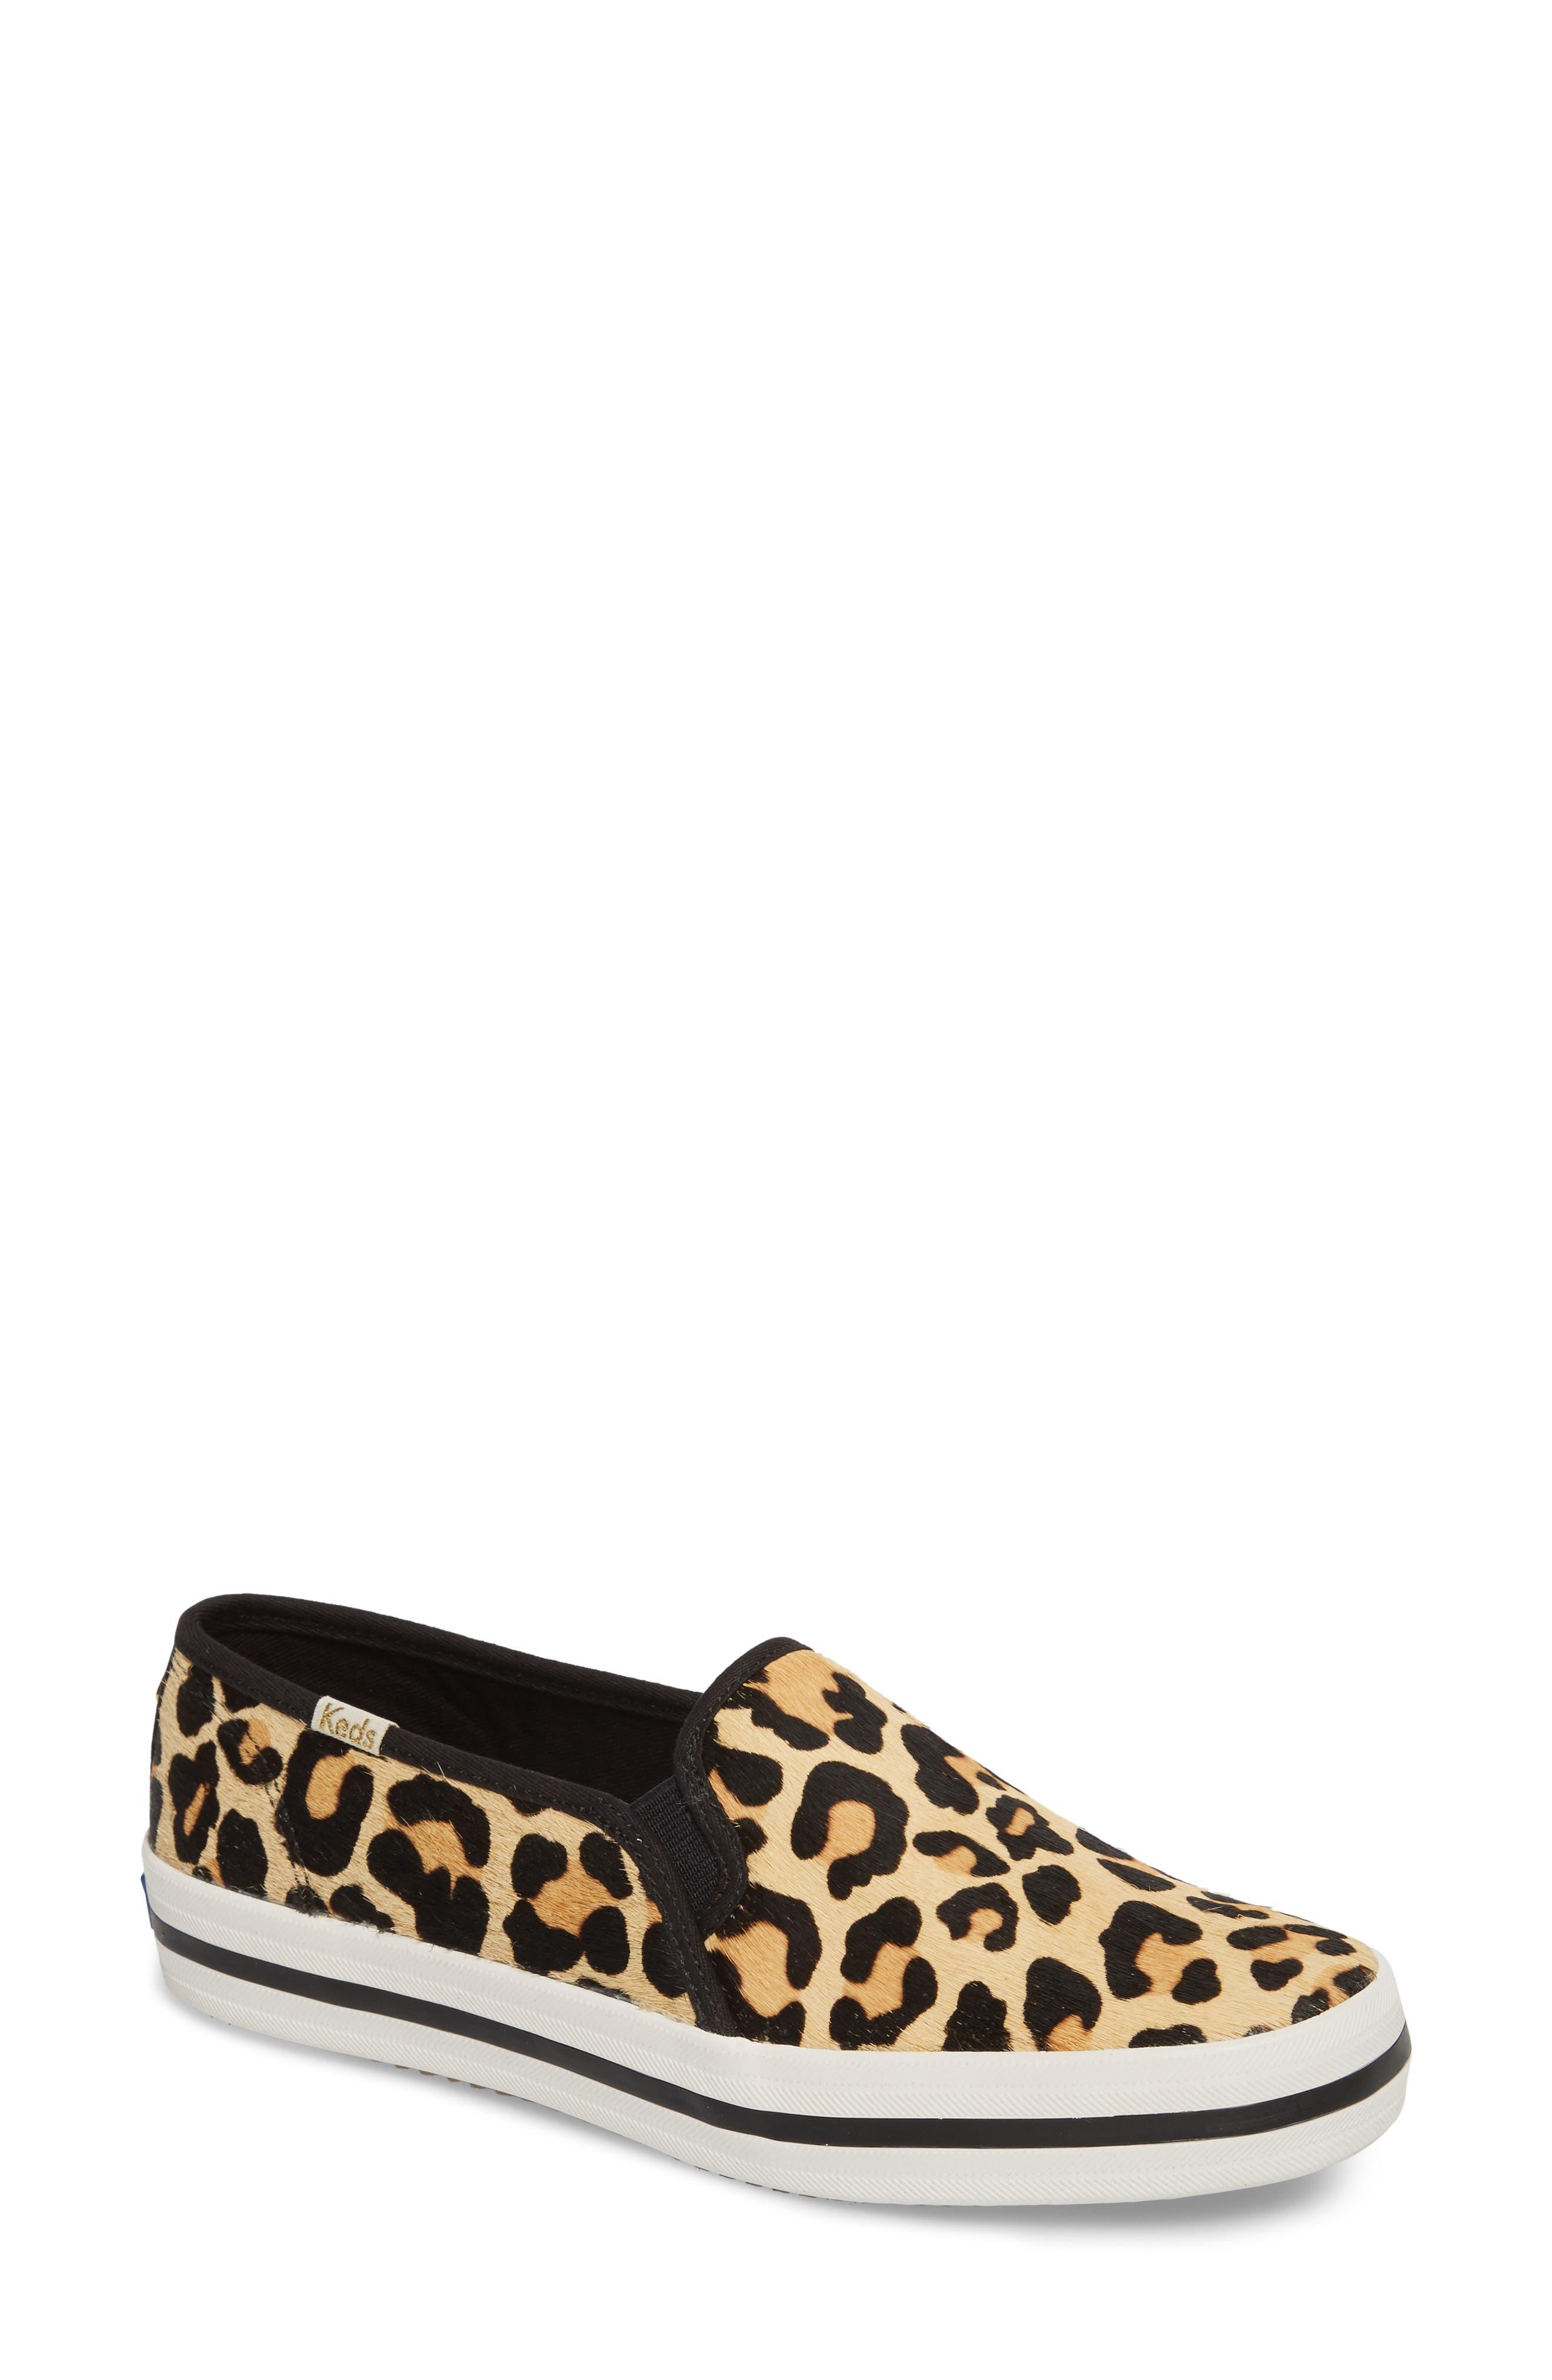 Women's Keds X Kate Spade Double Decker Slip-On Sneaker